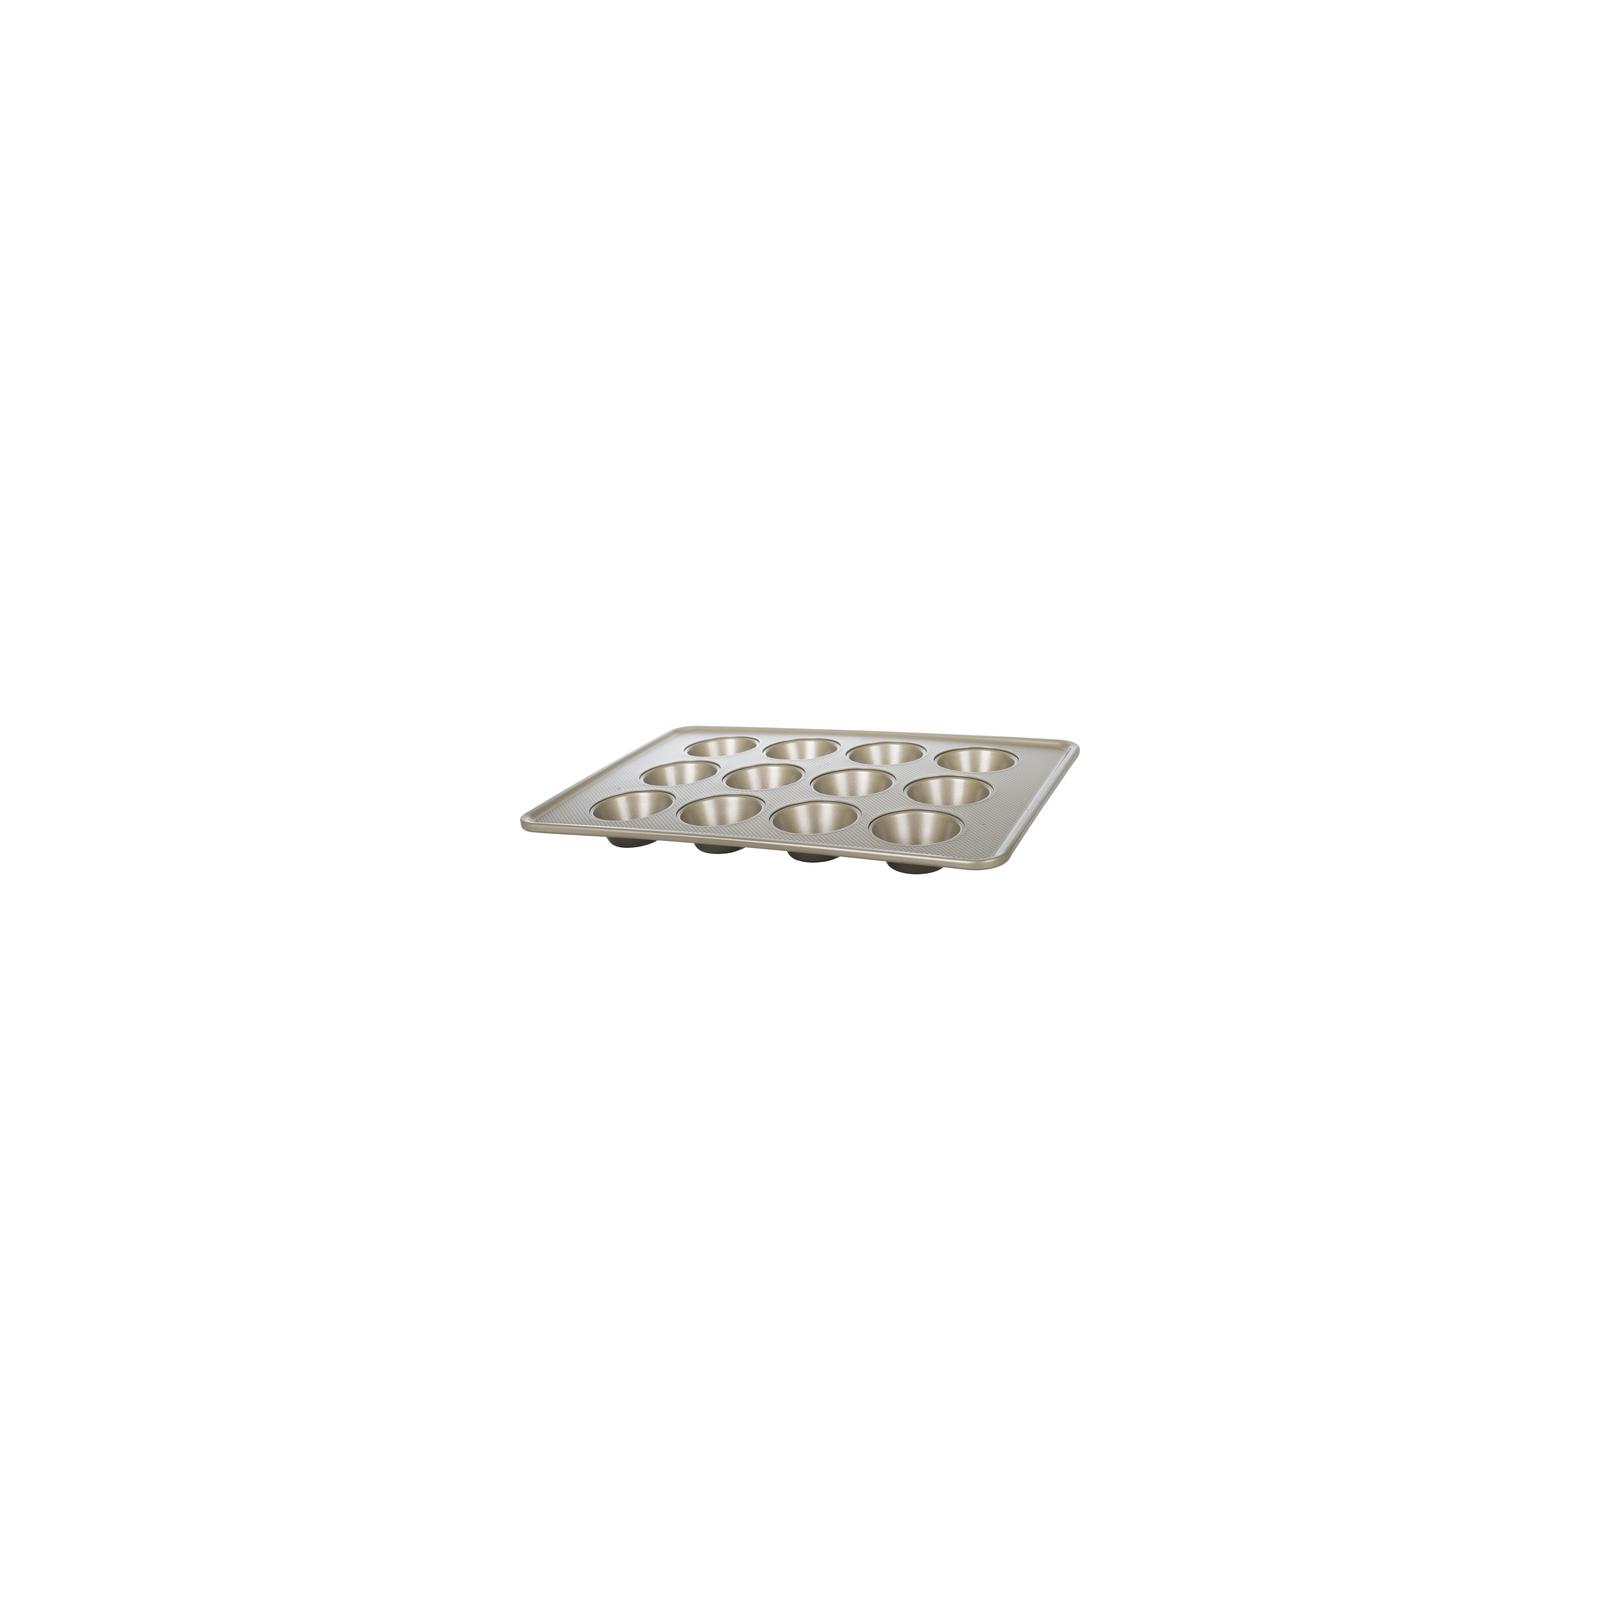 Форма для выпечки Ringel Marzipan для маффинов на 12 шт 42.5 x 29.5 x 4 см (RG-10212) изображение 4